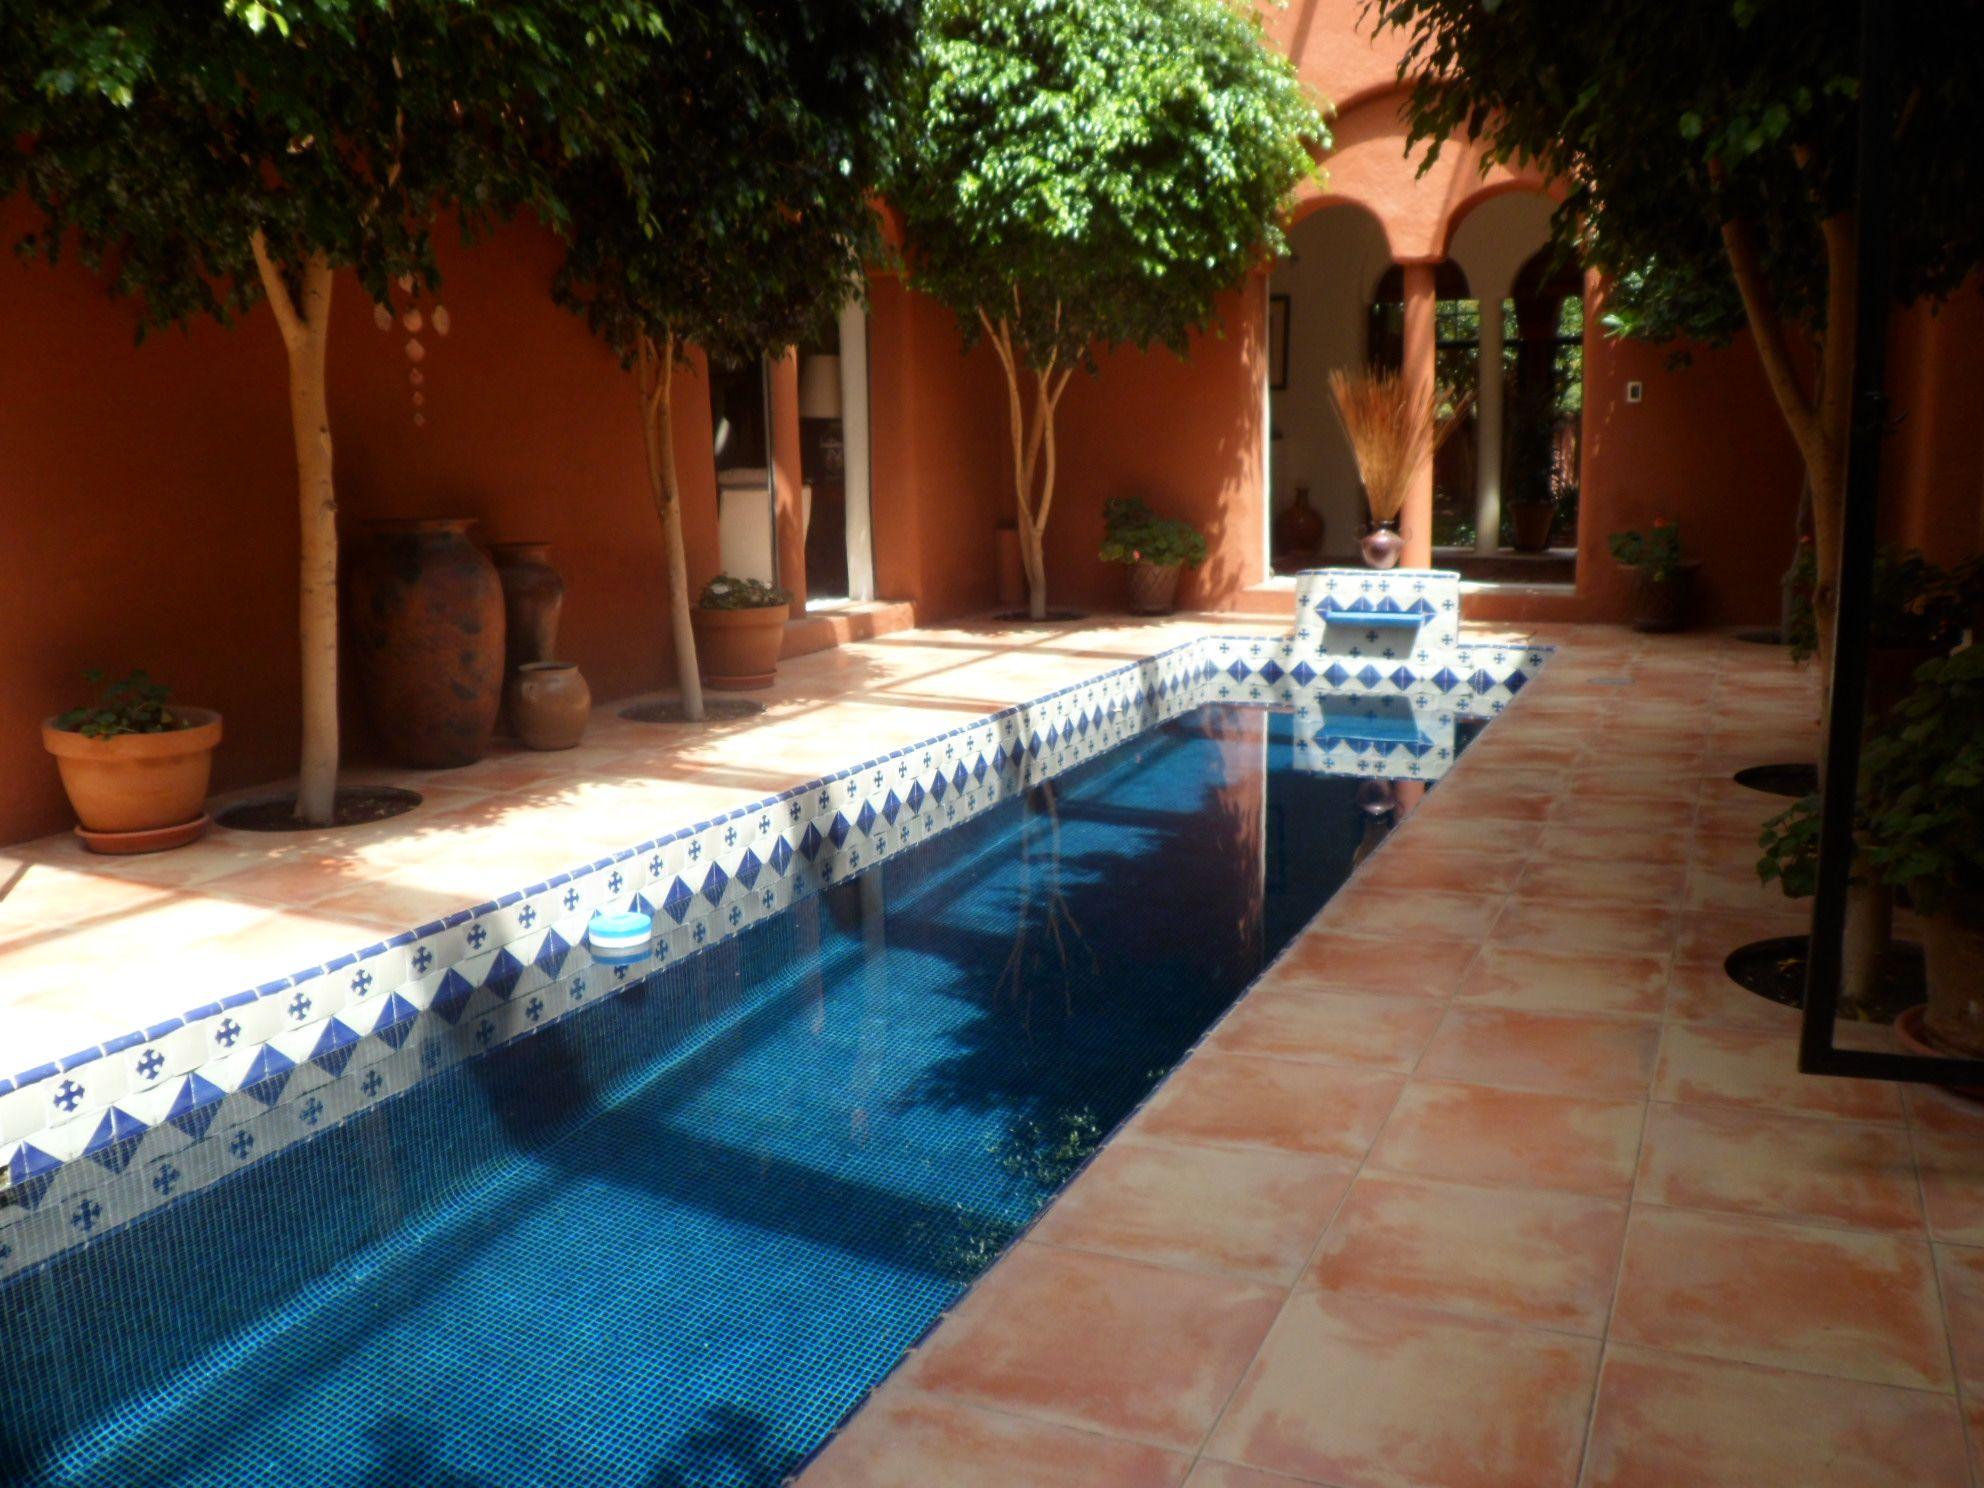 Carril de nado piscinas pinterest piscinas albercas for Construccion de piscinas en monterrey